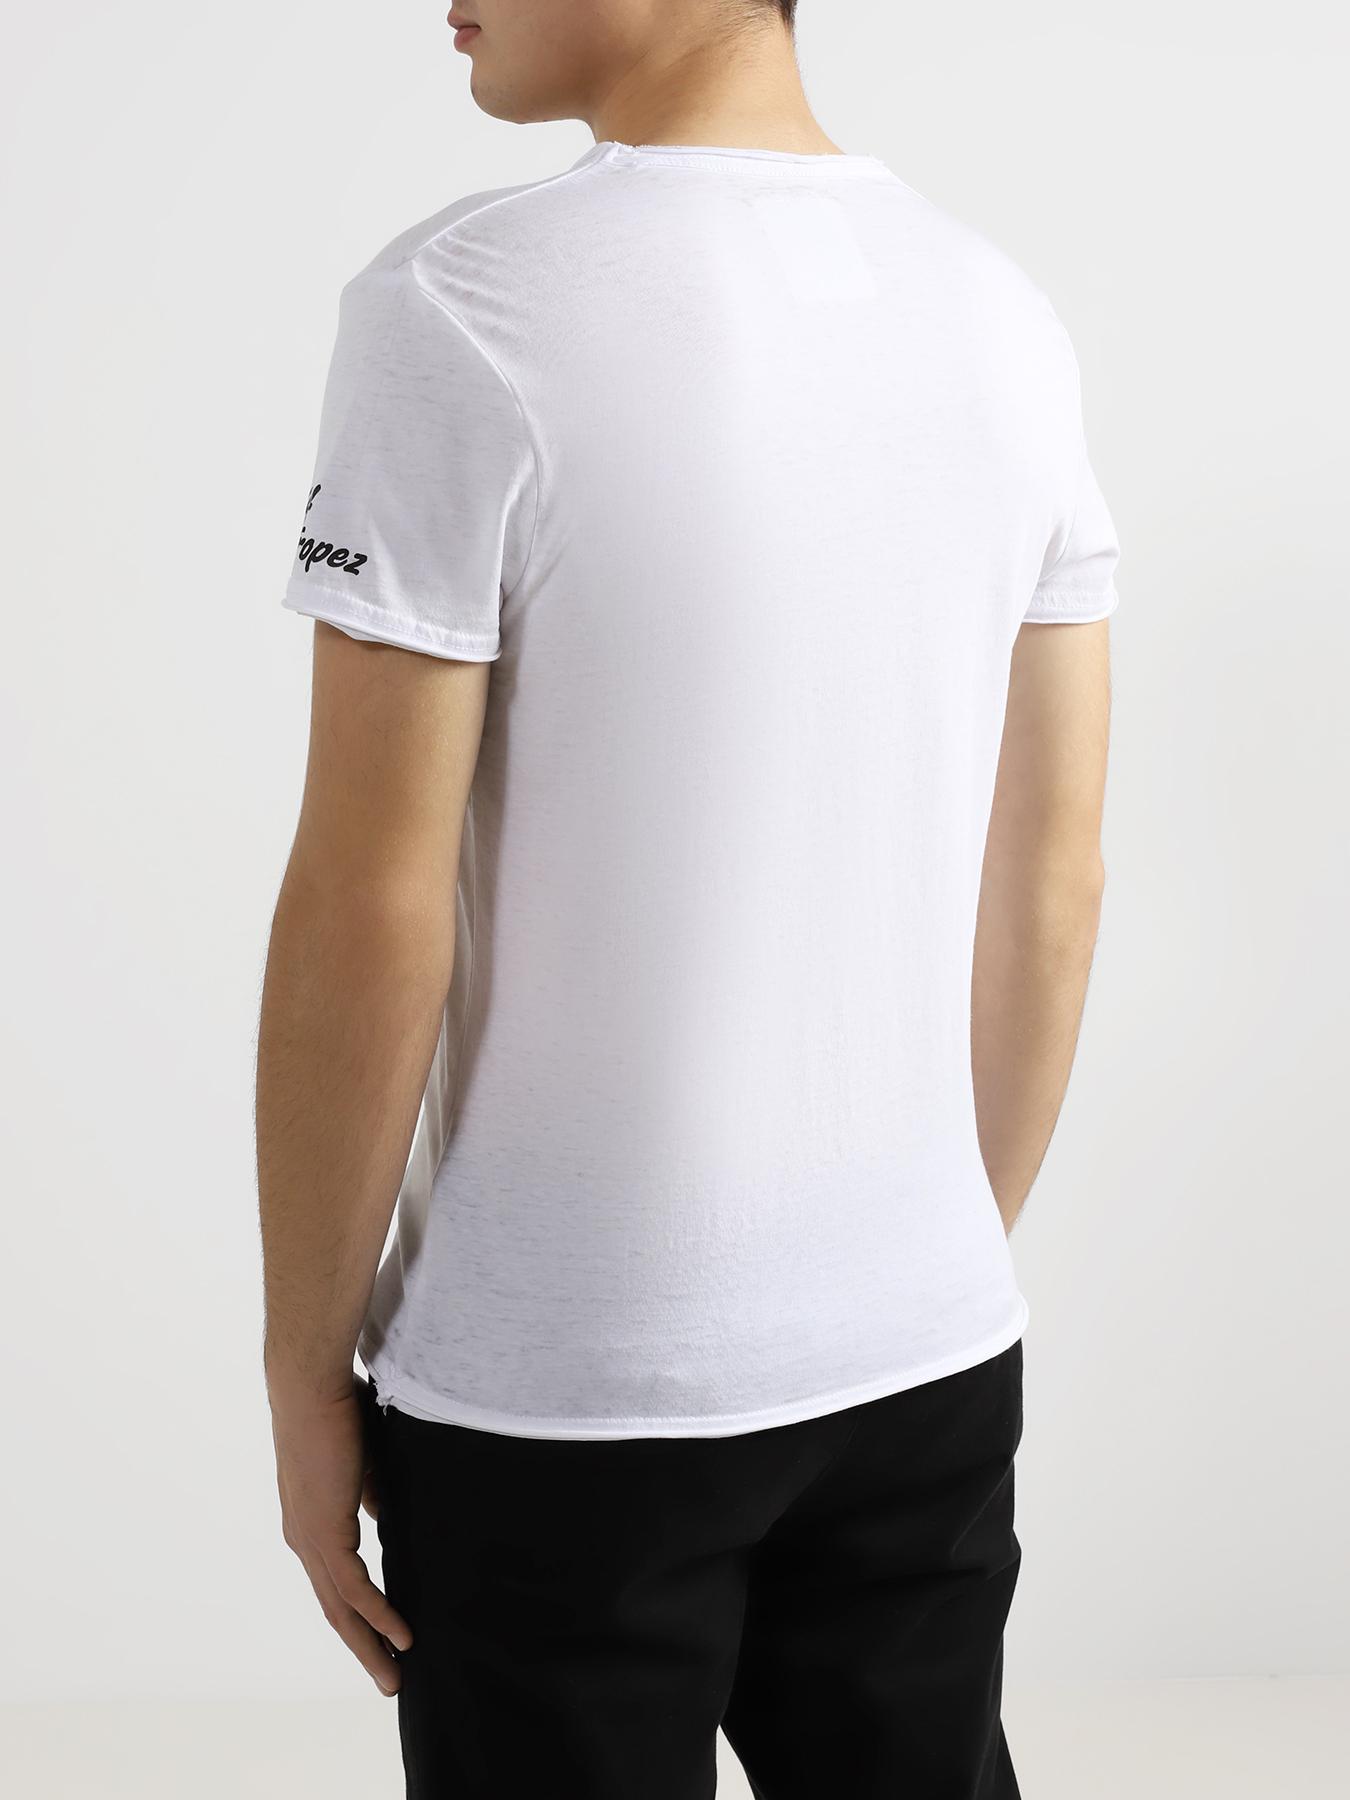 6 P.M. Мужская футболка 335052-028 Фото 2